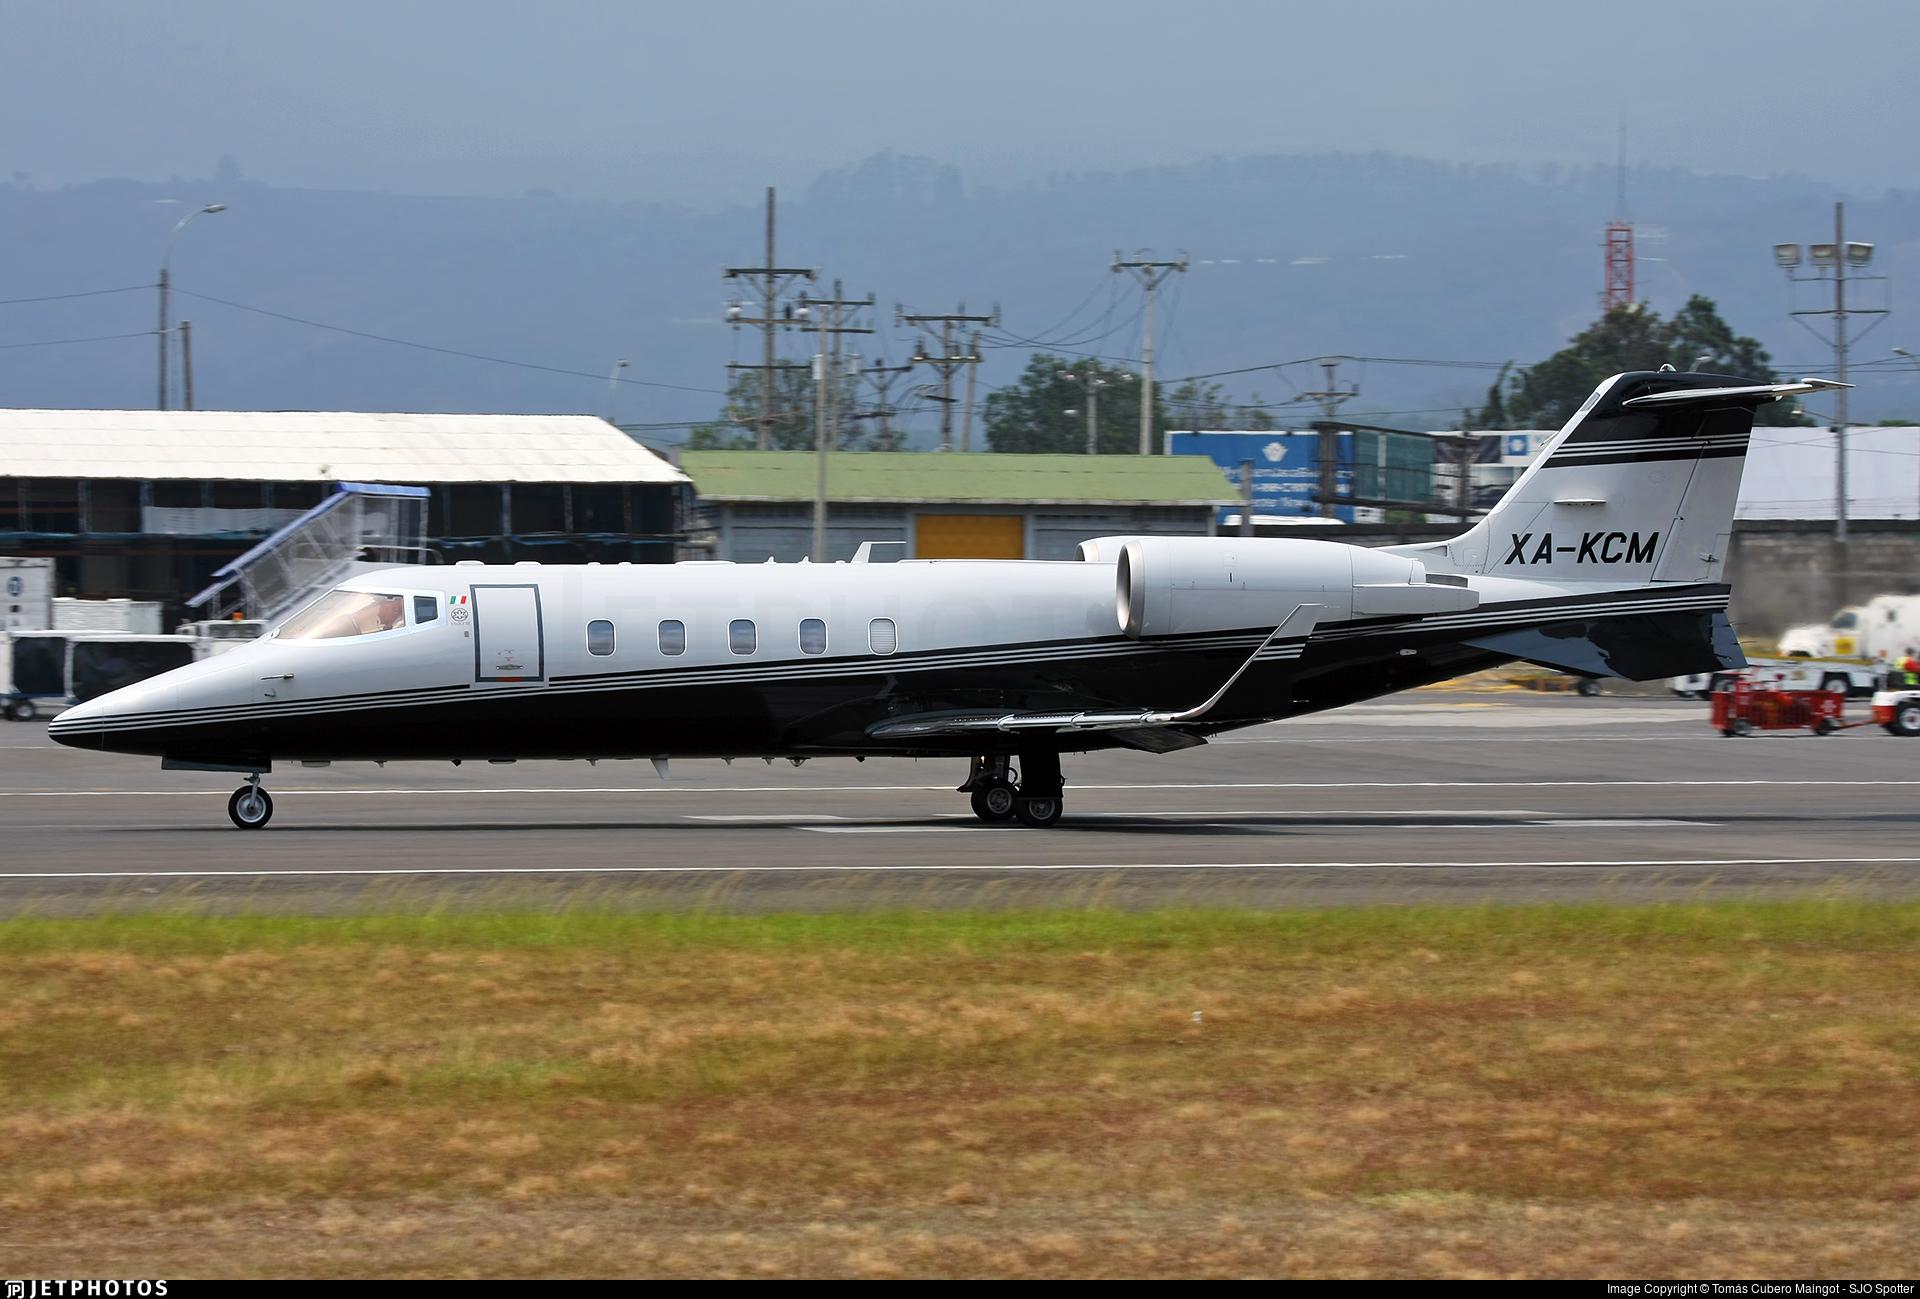 XA-KCM - Bombardier Learjet 60 - Private